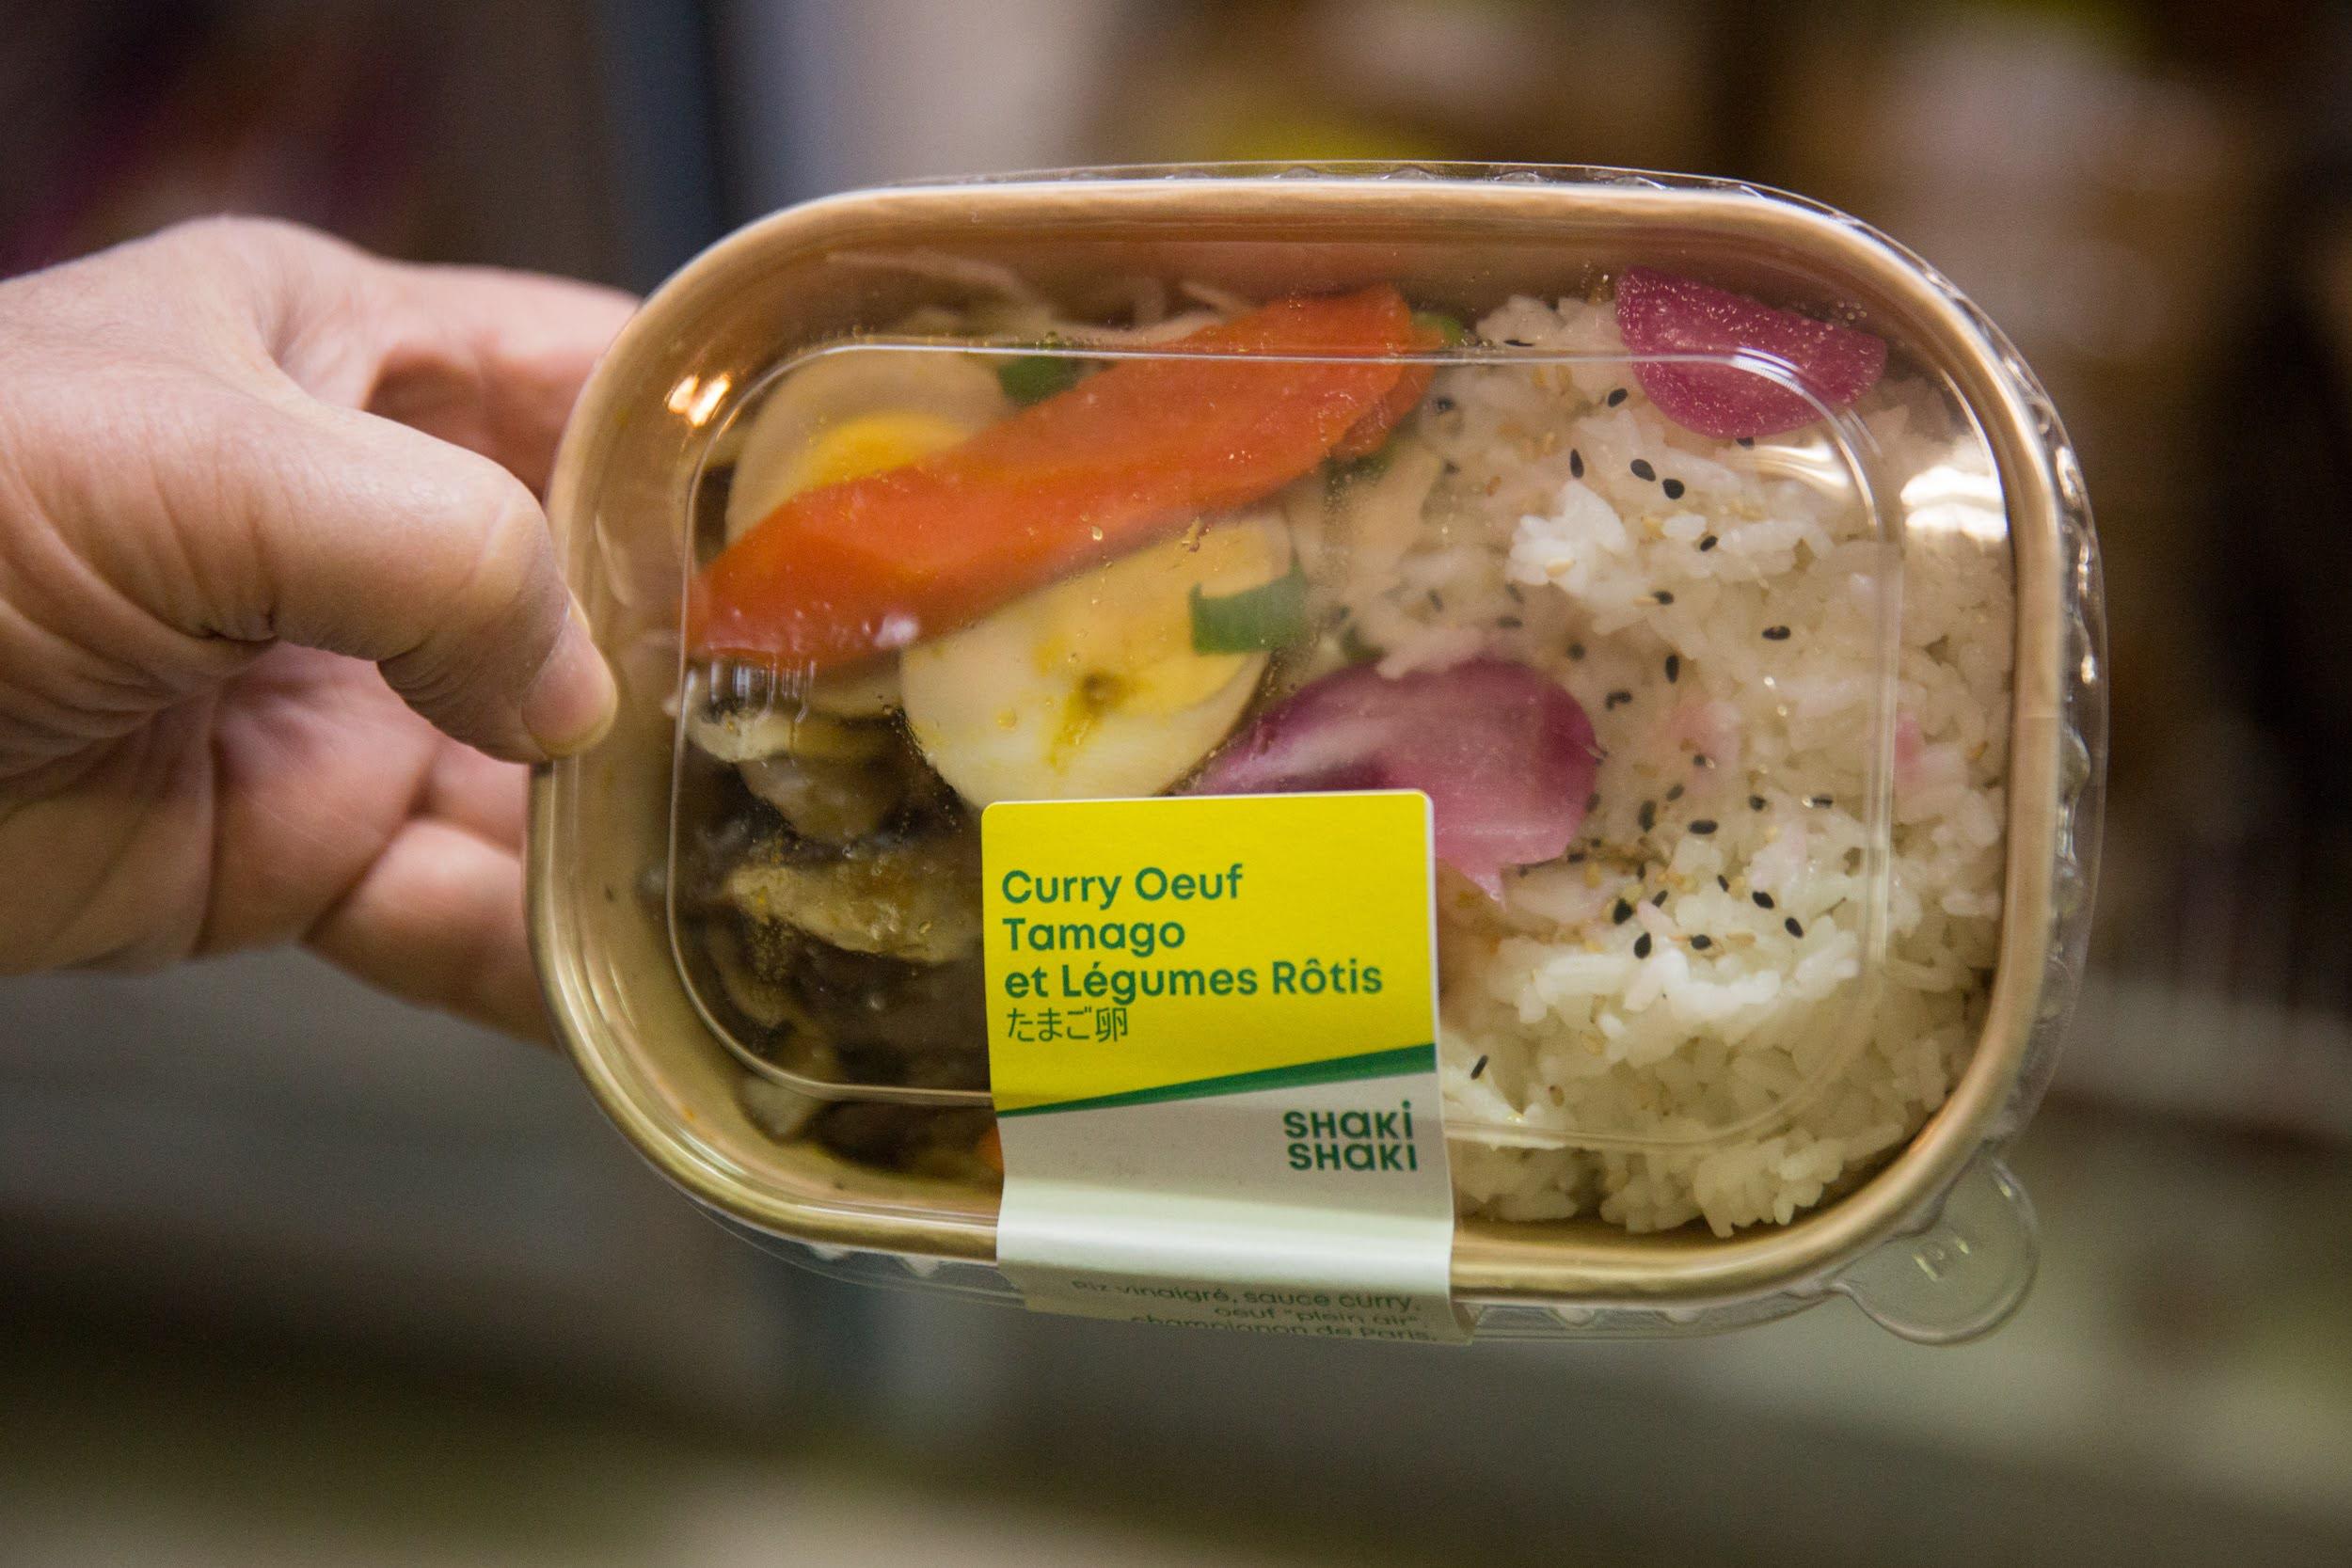 Nueva distribución de alimentos para estudiantes y mayores de 64 años, a cargo del MIE y restos du coeur, 9